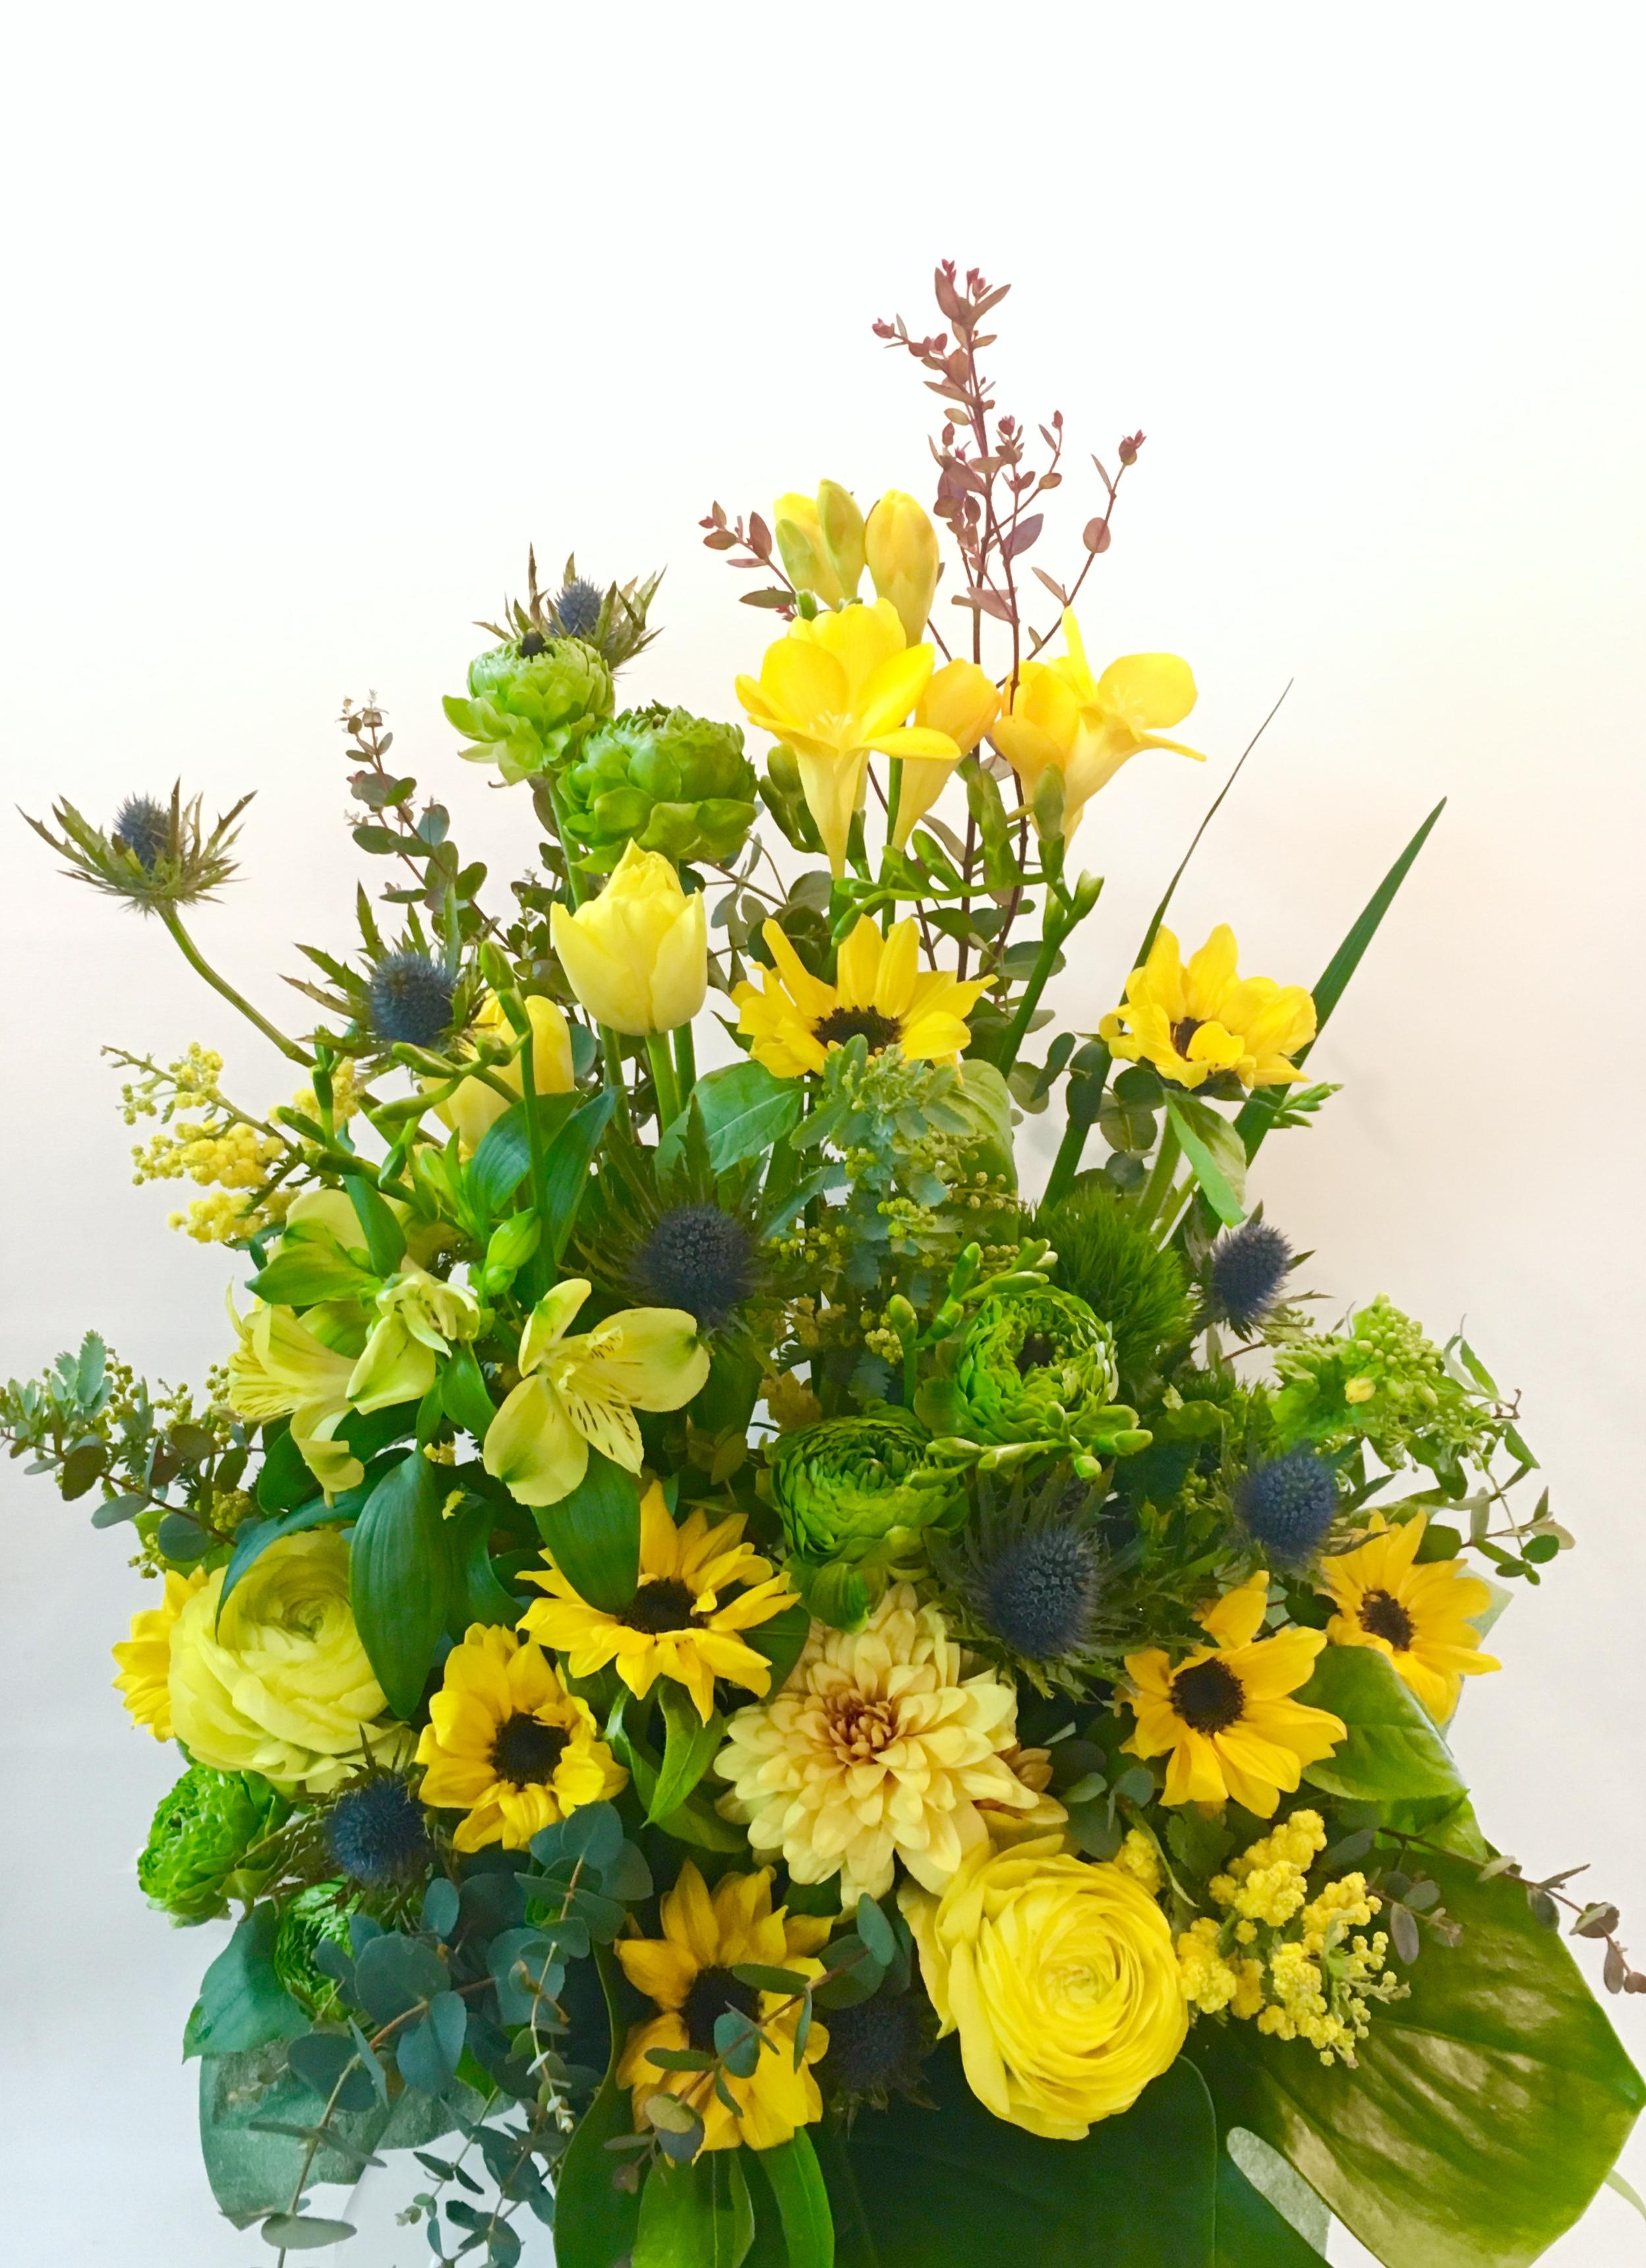 【お花納品事例25】横浜市関内にある法人企業様に花束を配達しました!